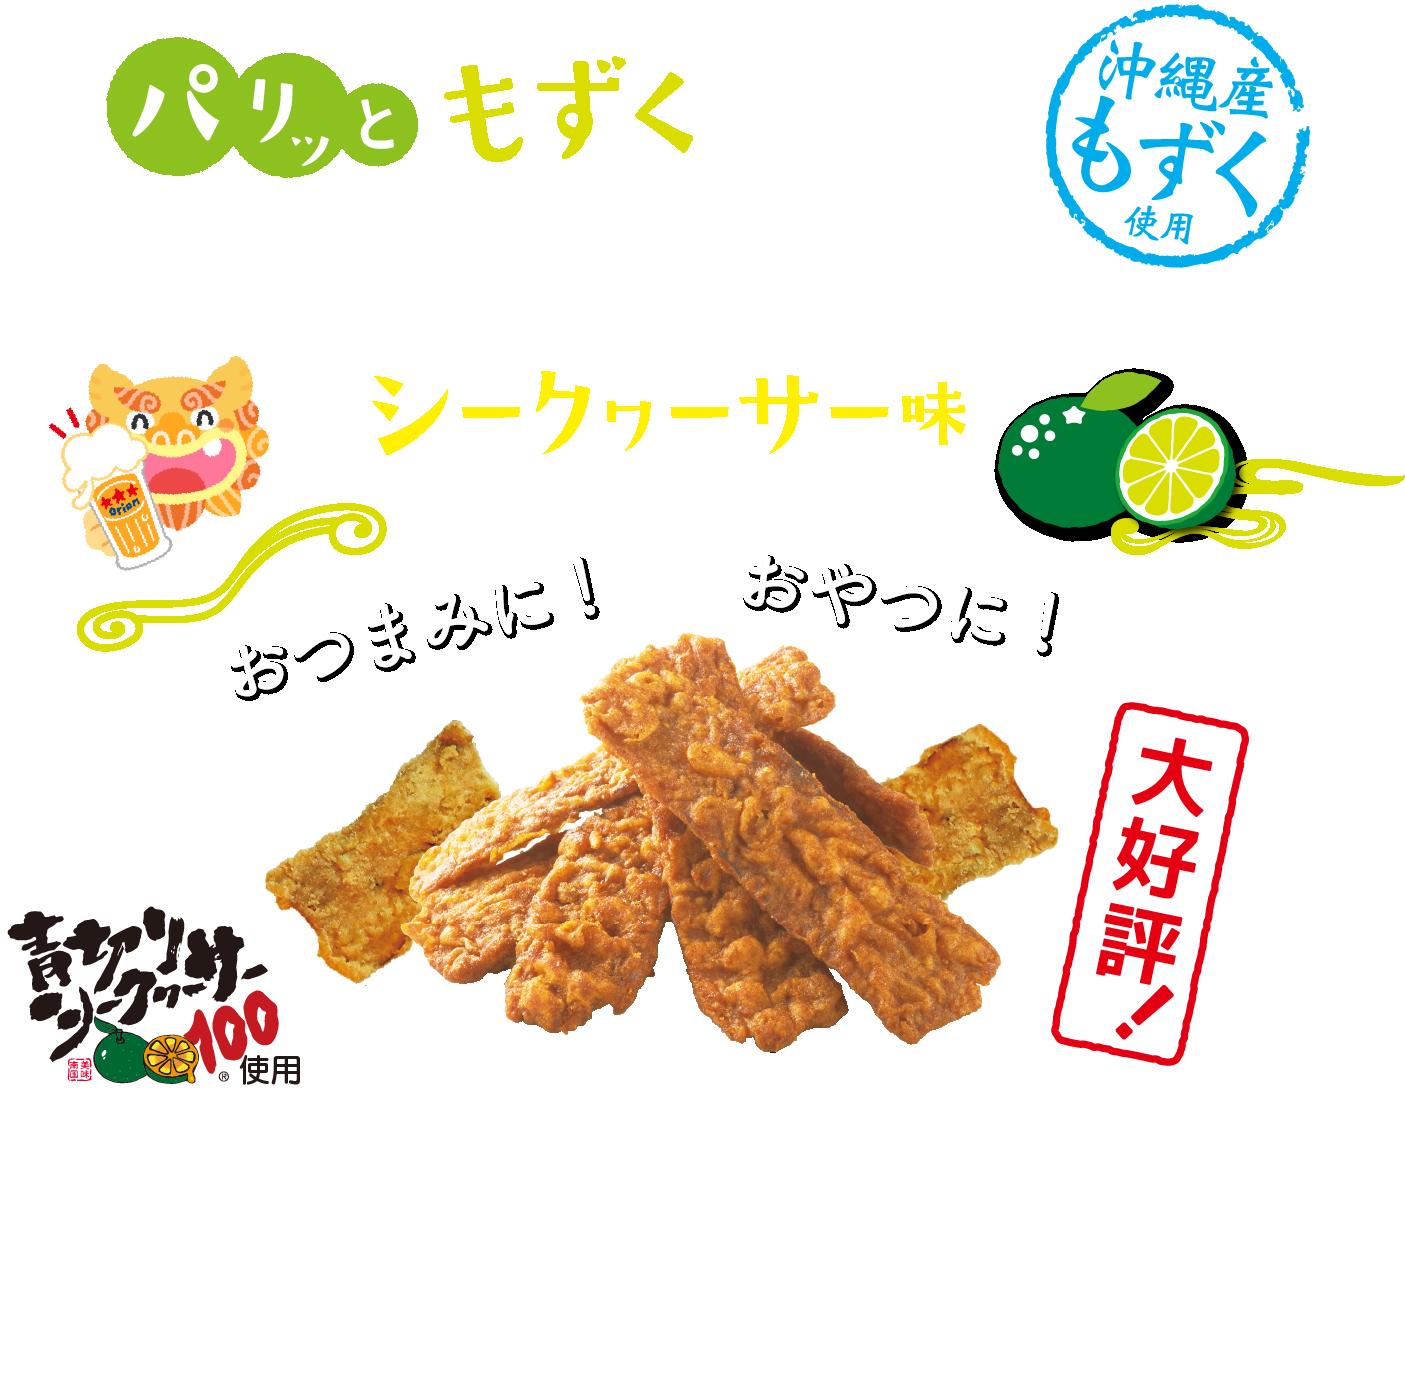 もずく入りイカ天 沖縄産もずくを入れたいか味天のパリッとした食感とシークヮーサーの爽やかな酸味とほのかな苦味がやみつきになるおいしさ!